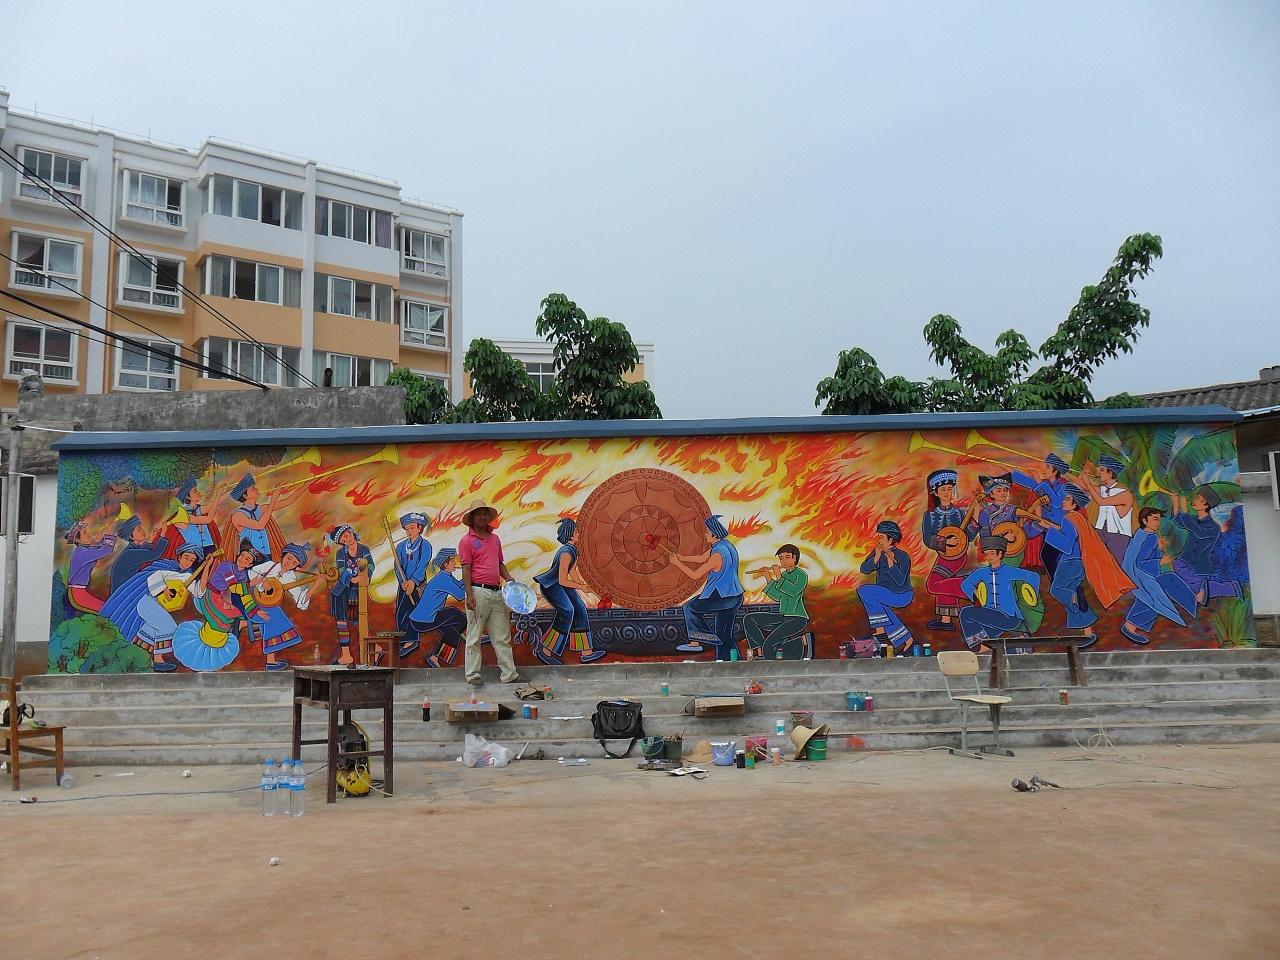 南昌室外墙体彩绘,南昌农村墙体彩绘,南昌彩绘墙绘,南昌农村外墙绘画